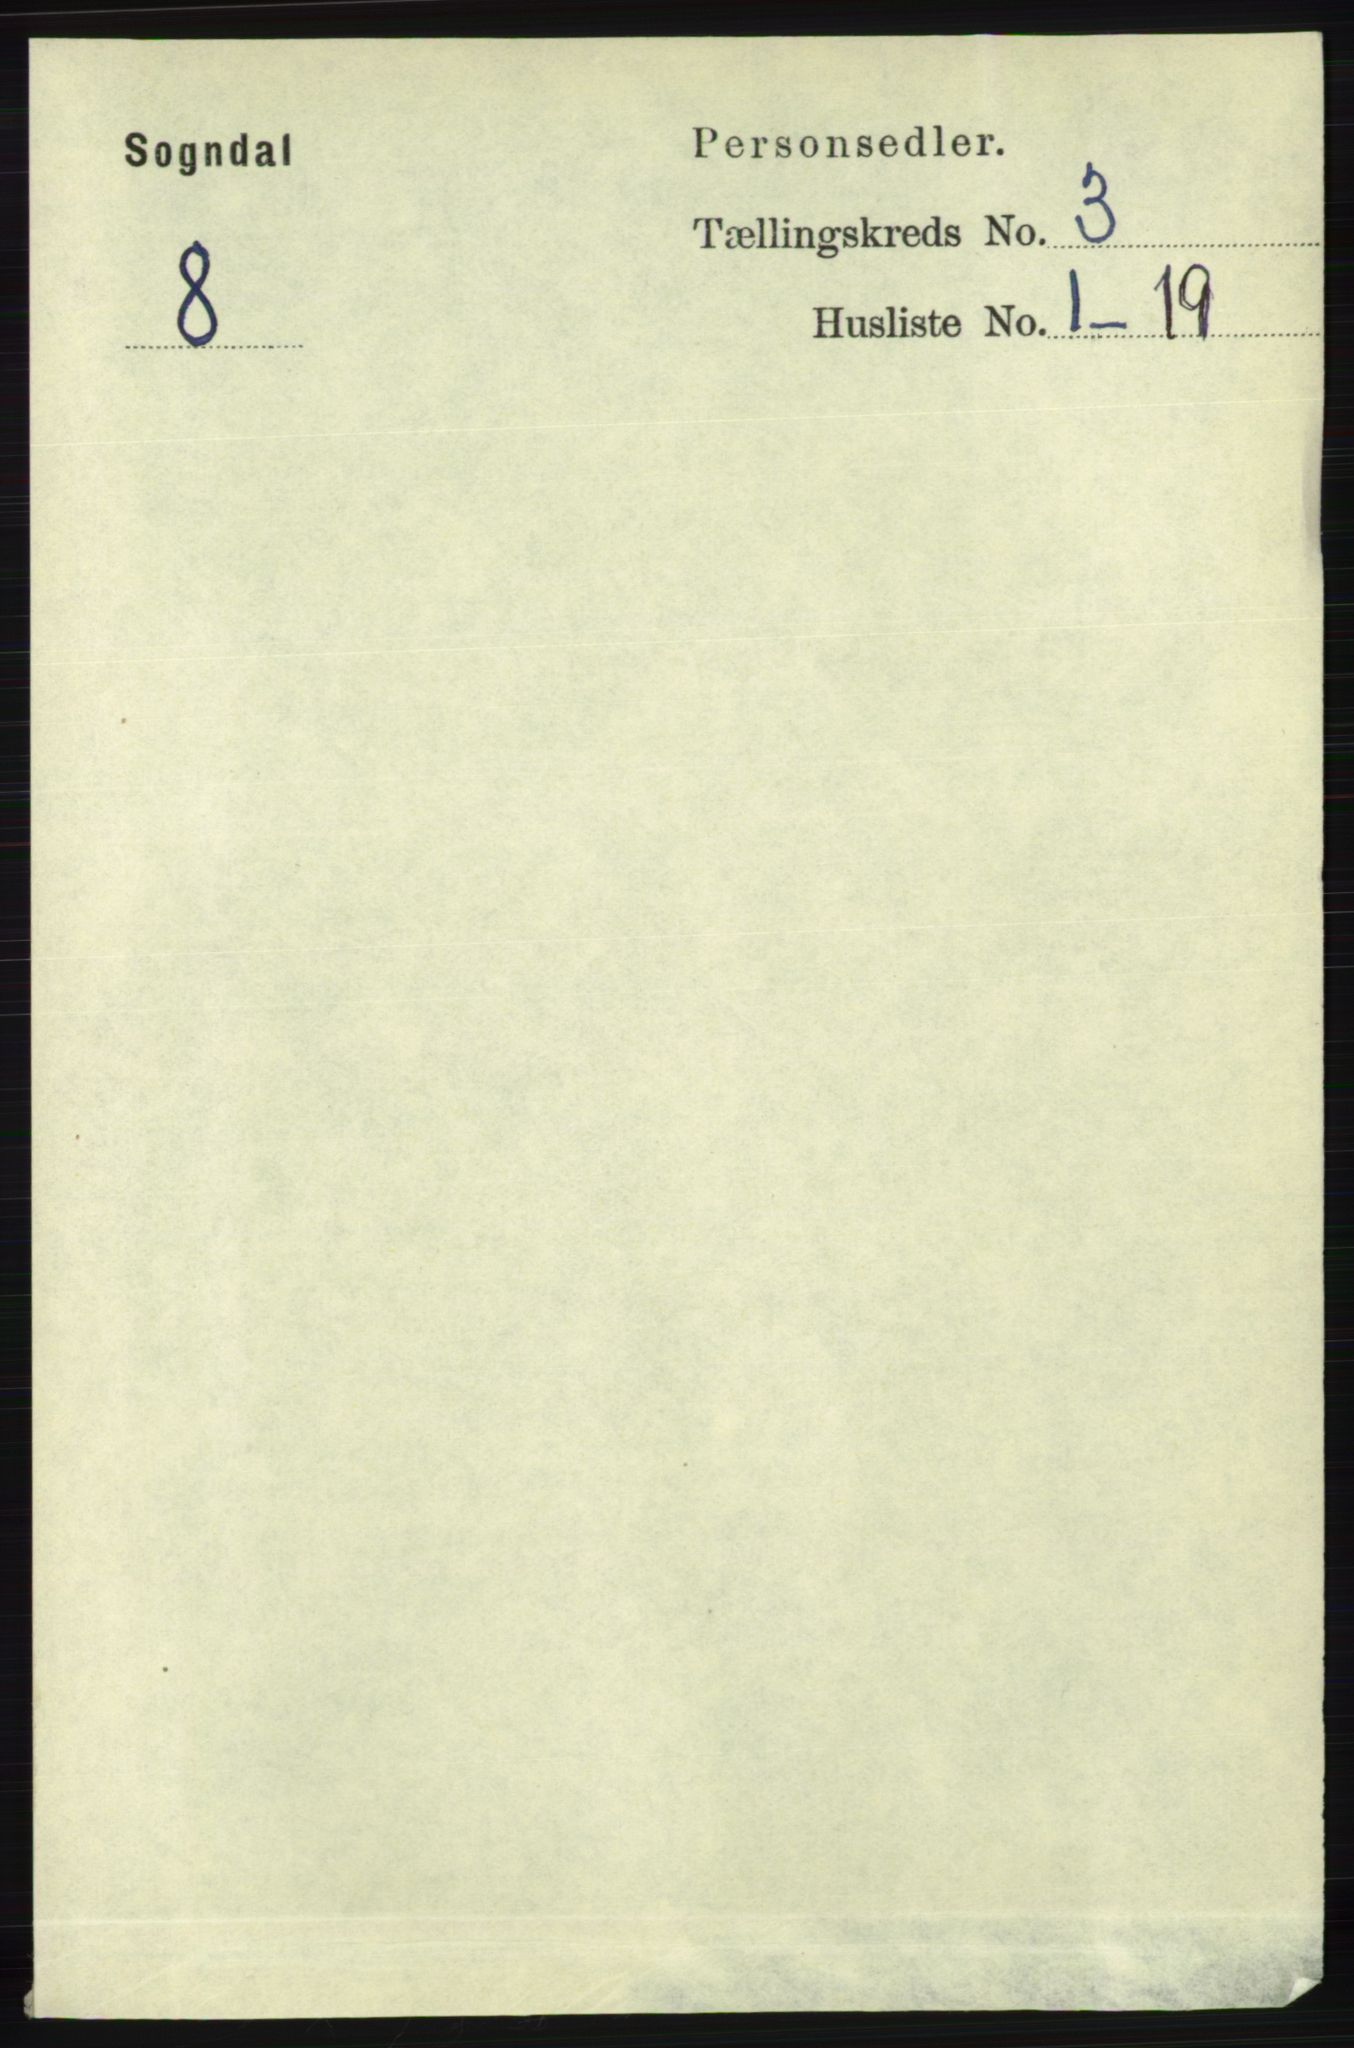 RA, Folketelling 1891 for 1111 Sokndal herred, 1891, s. 712